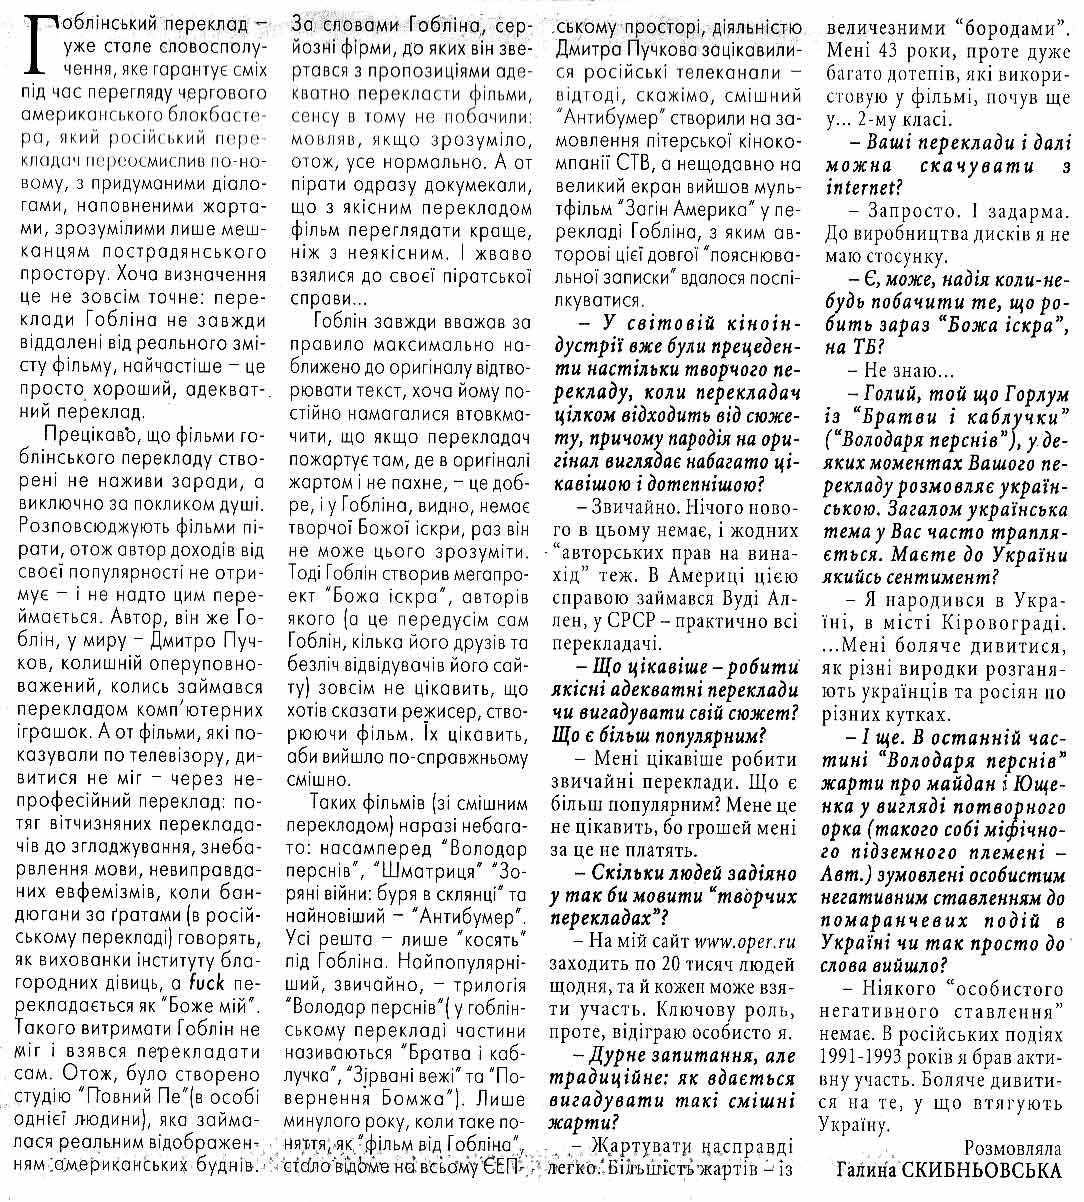 Львовская газета Поступ